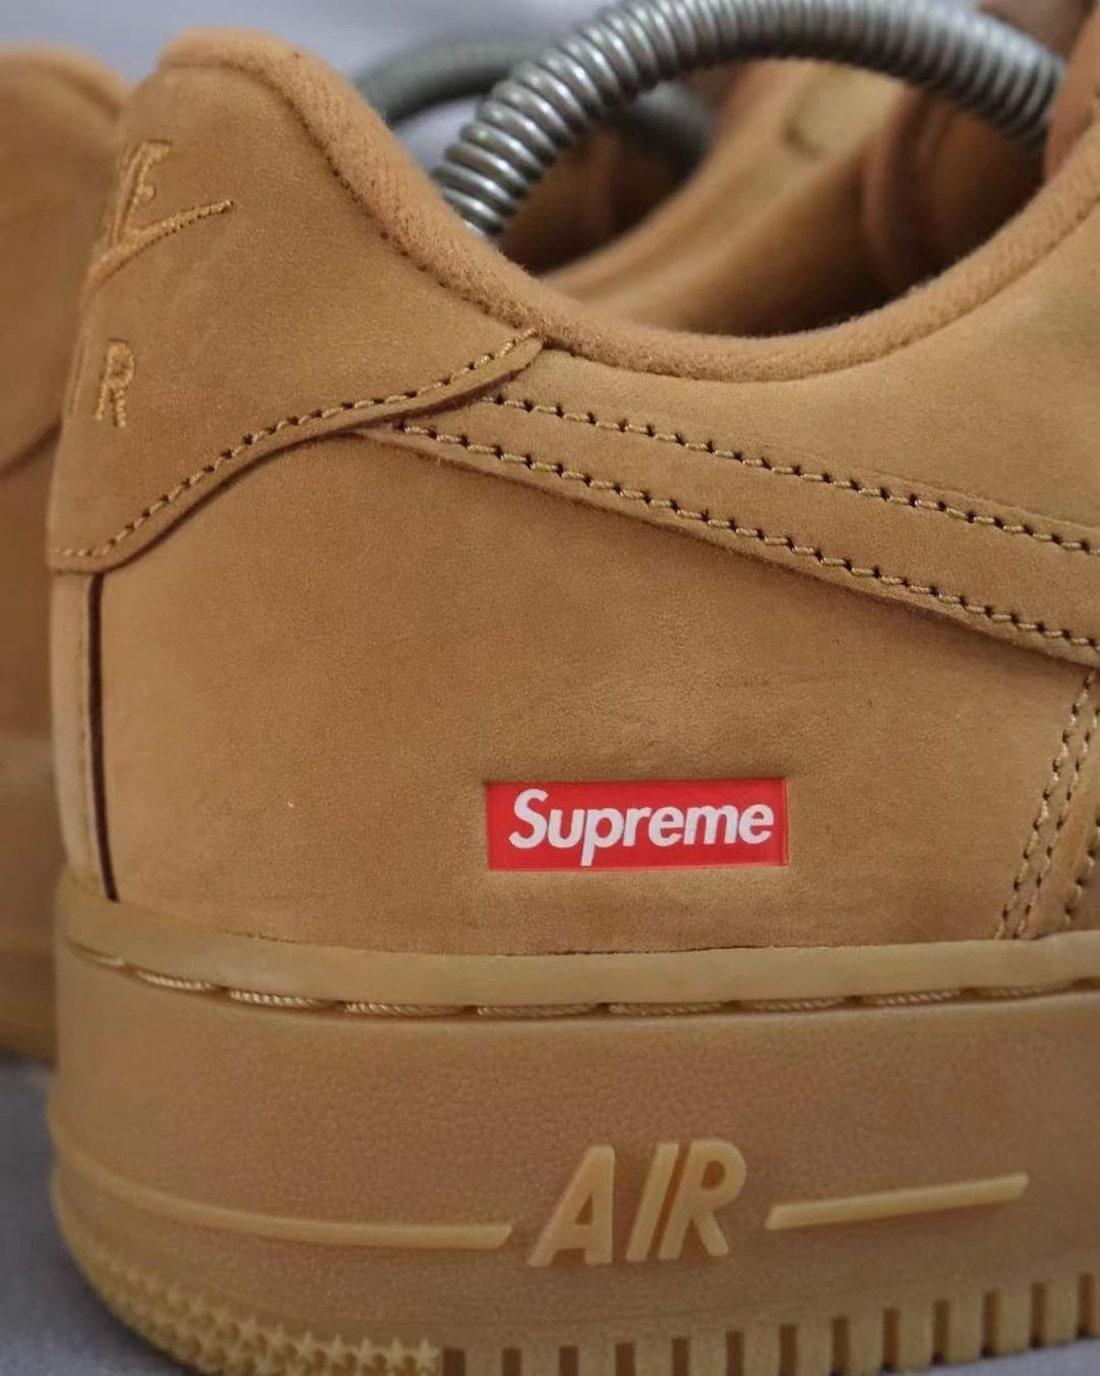 Supreme Nike Air Force 1 Low Flax Leak